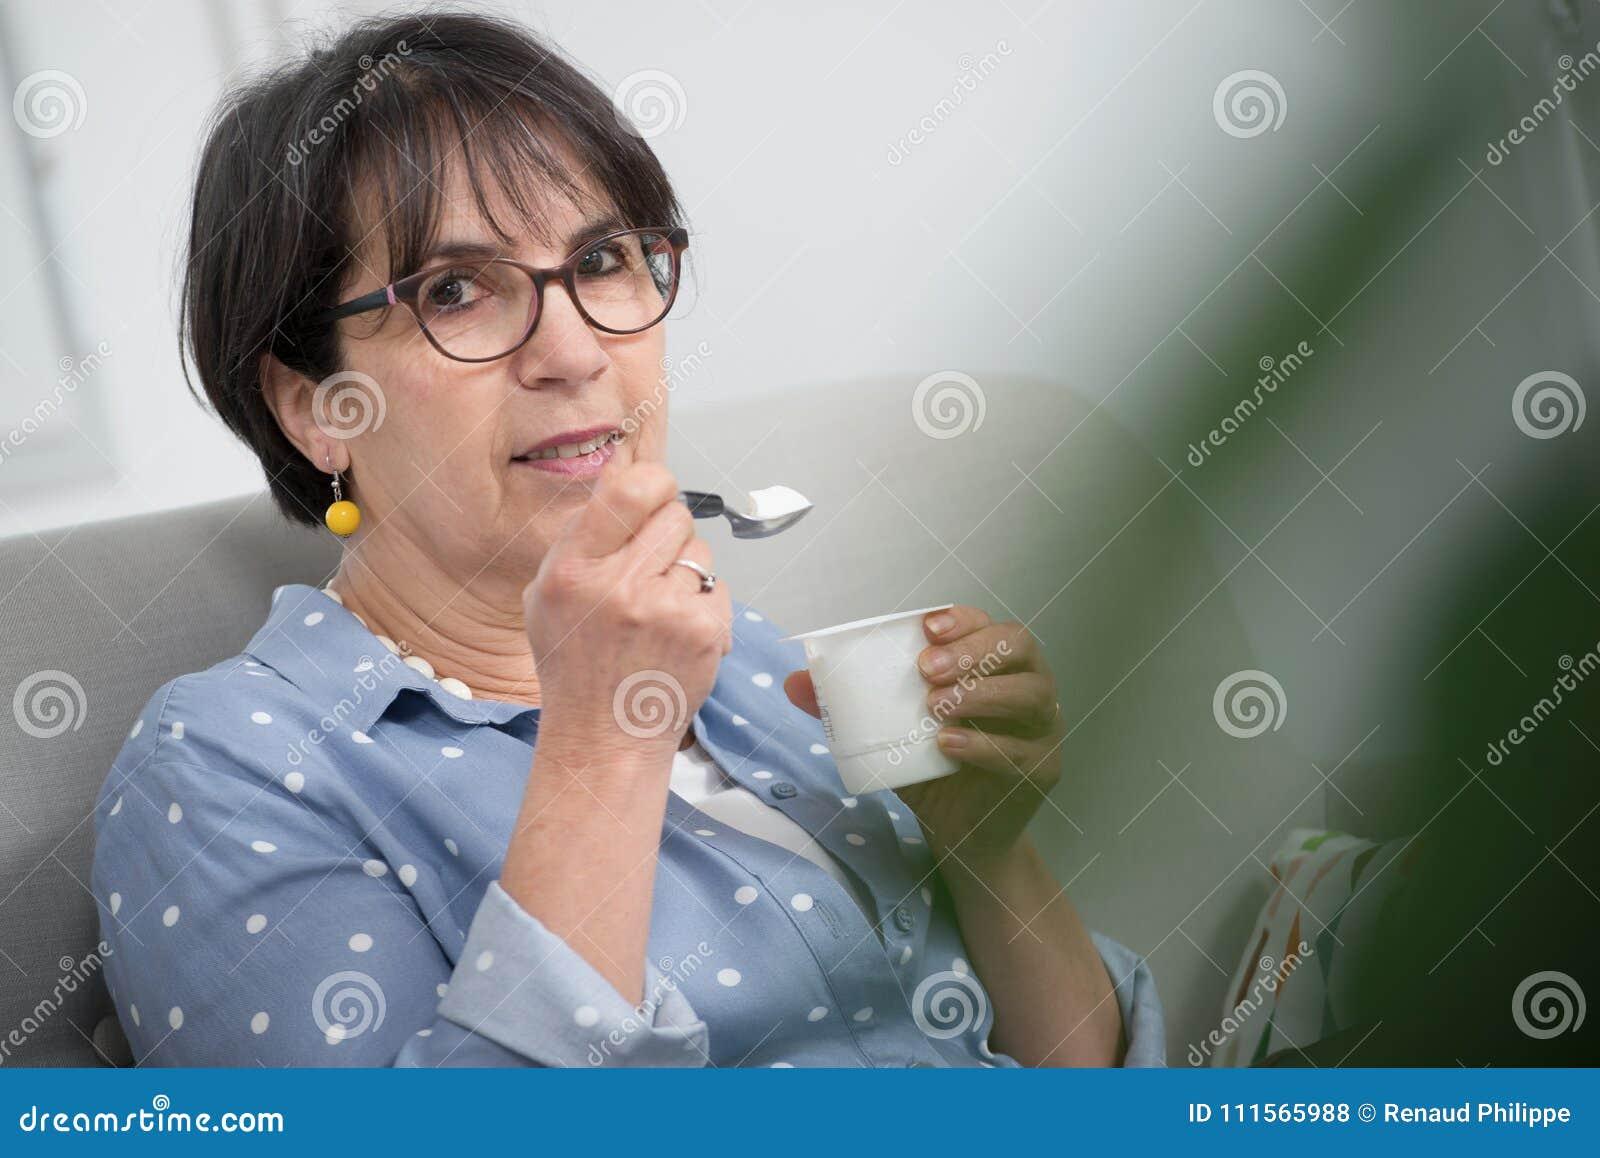 Фото сперми на зрелых женщинах, Нежные зрелые тетки обожают сперму на письке 26 фотография